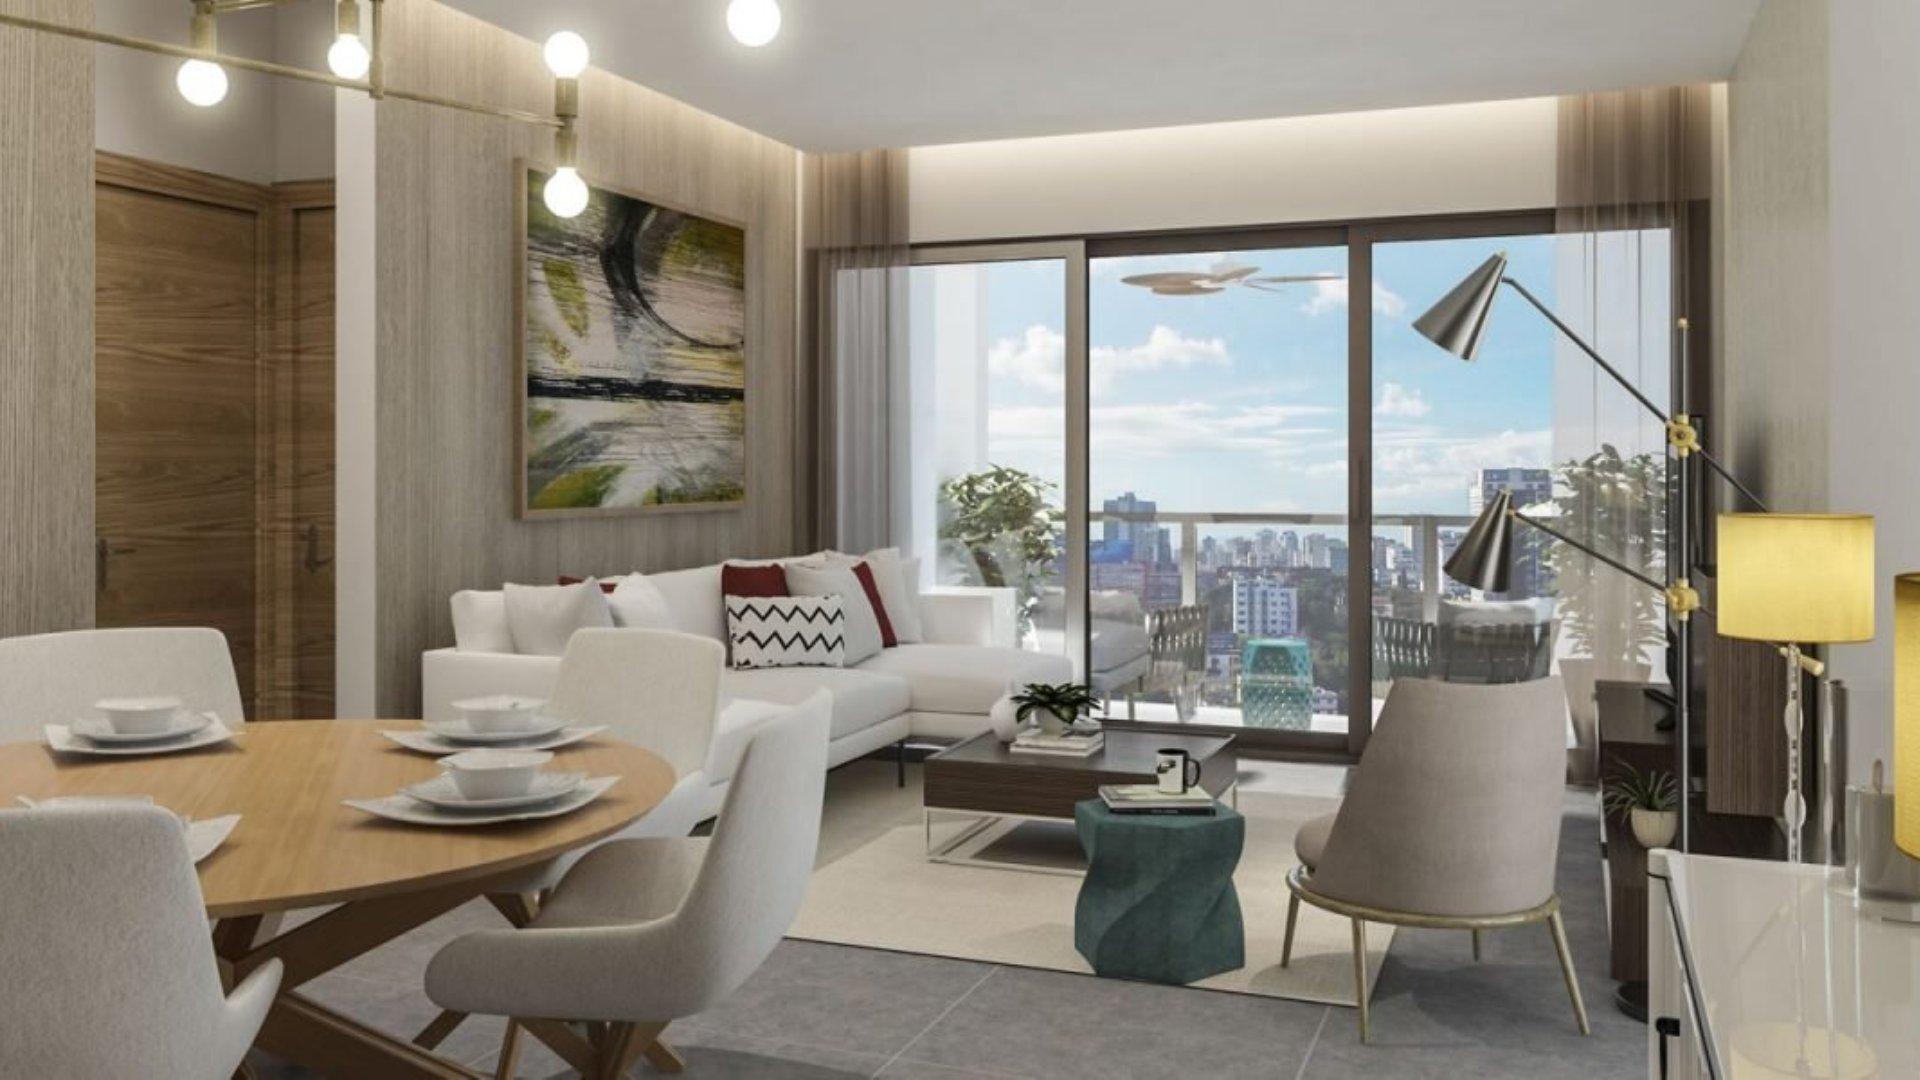 Apartamento en venta en Dubai, EAU, 2 dormitorios, 135 m2, № 24517 – foto 1